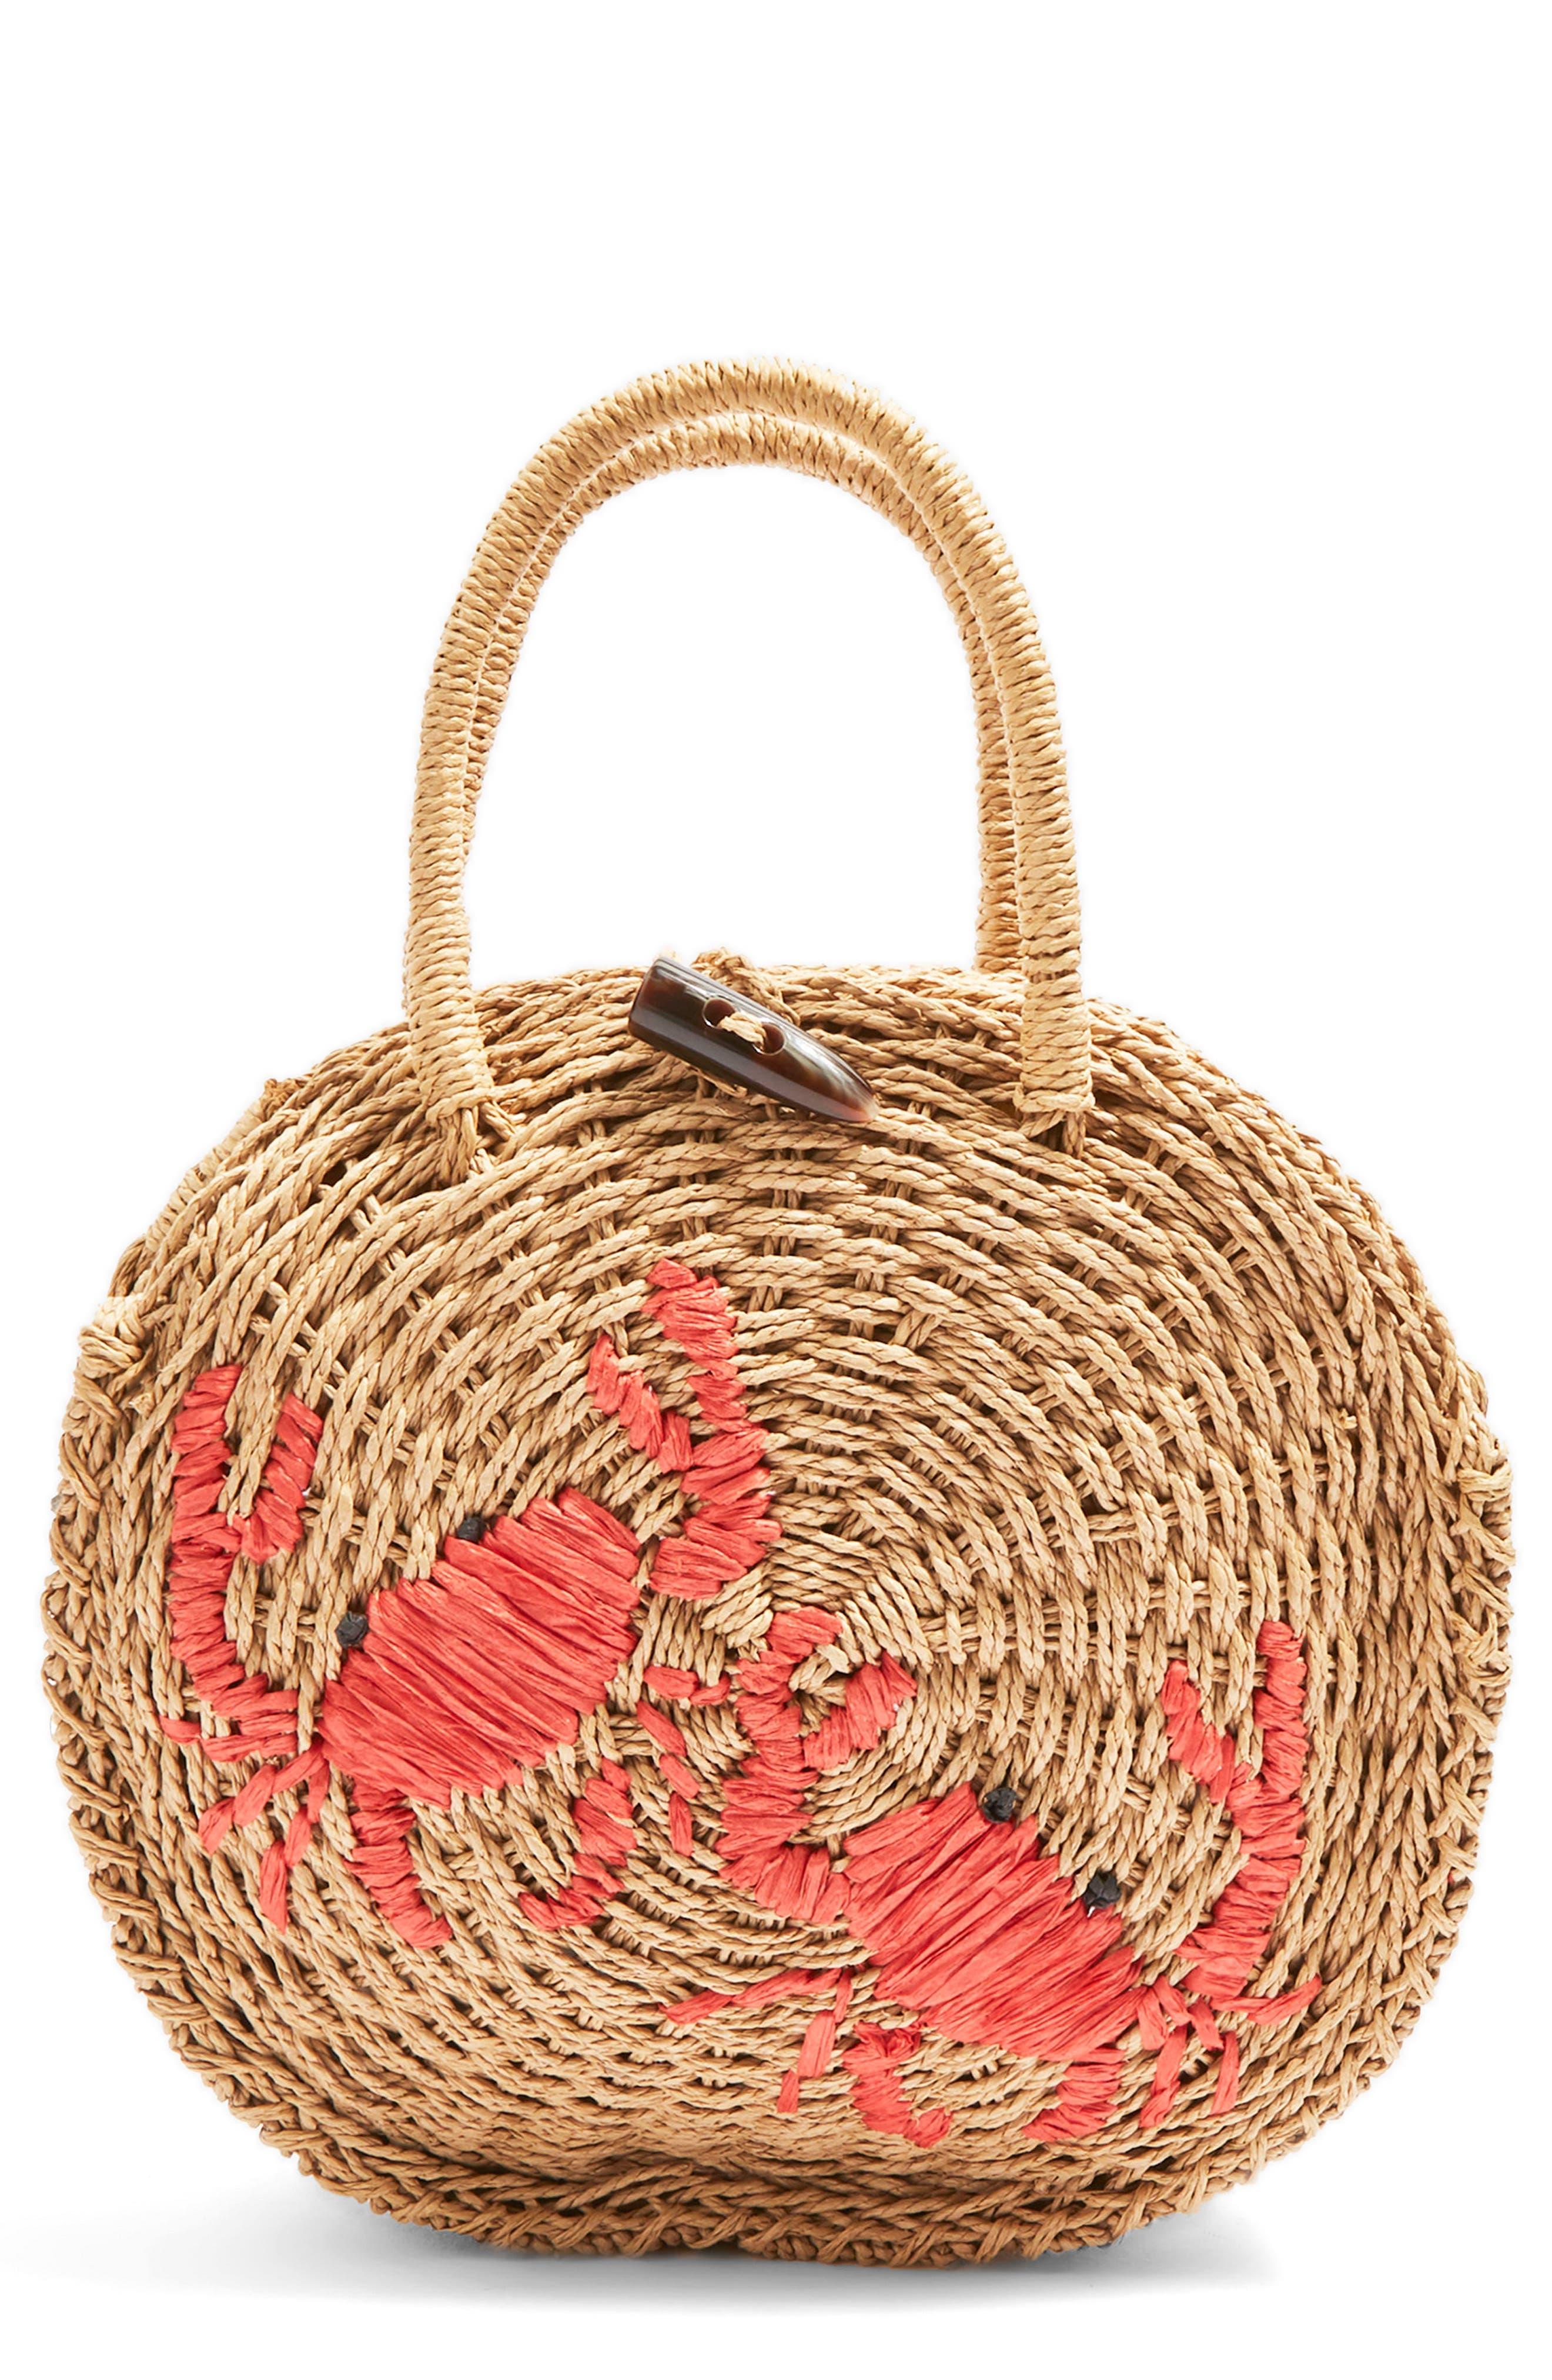 Alternate Image 1 Selected - Topshop Crab Straw Mini Tote Bag